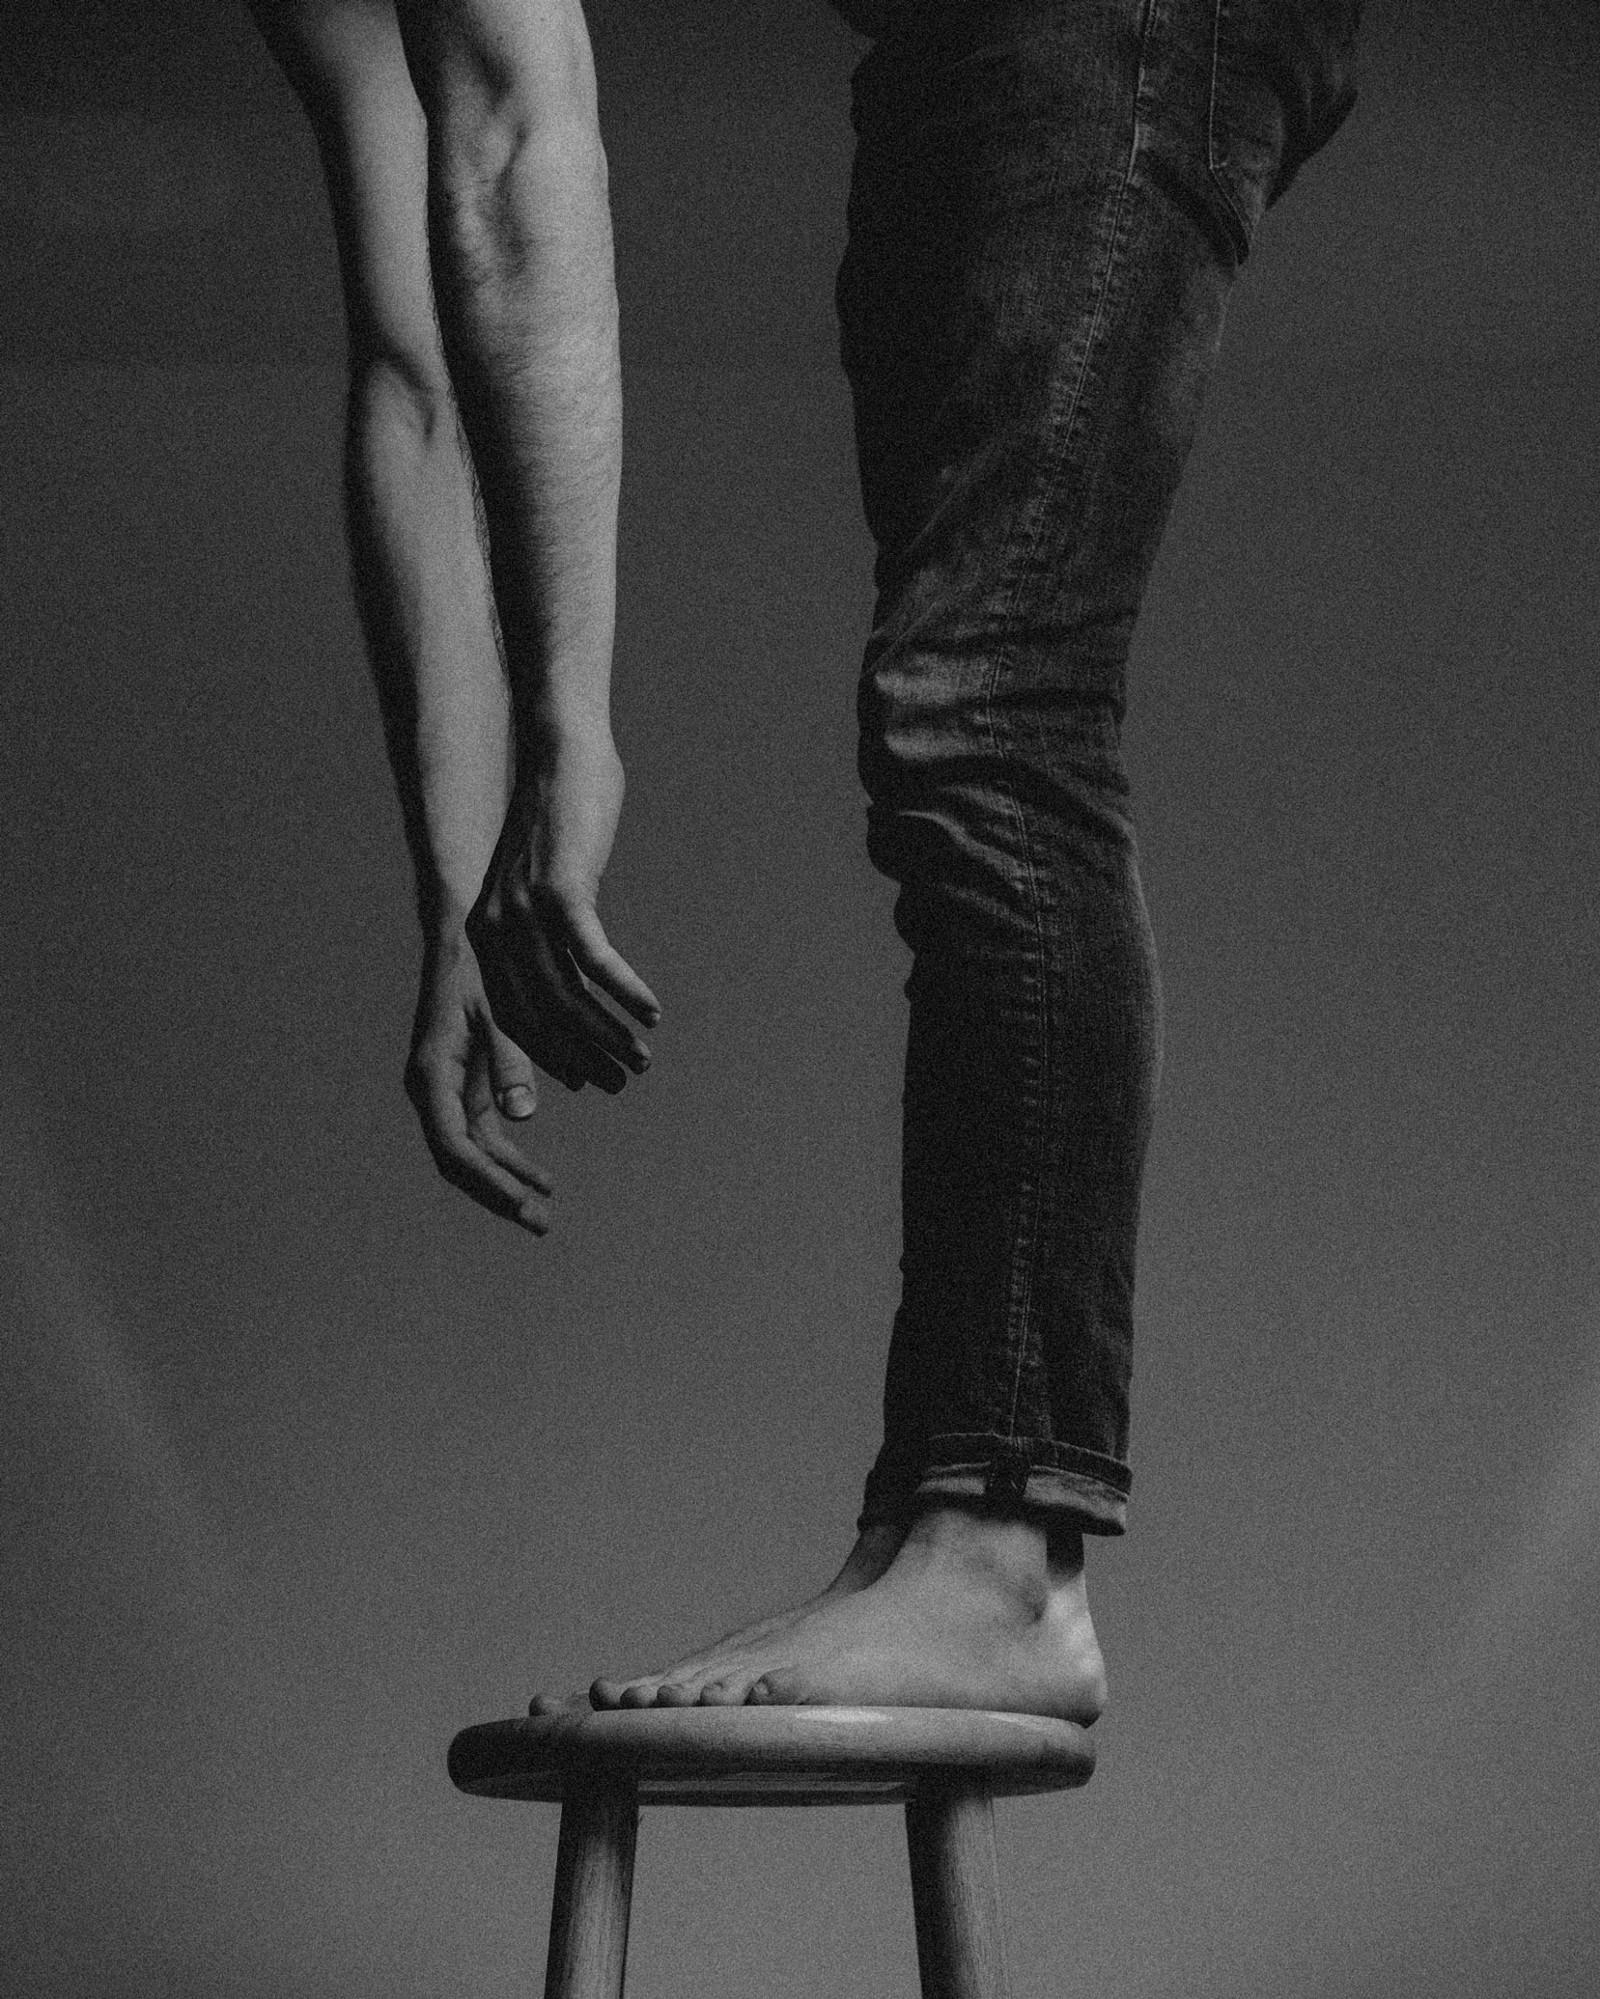 cristofer_jeschke_hanging_down.jpg